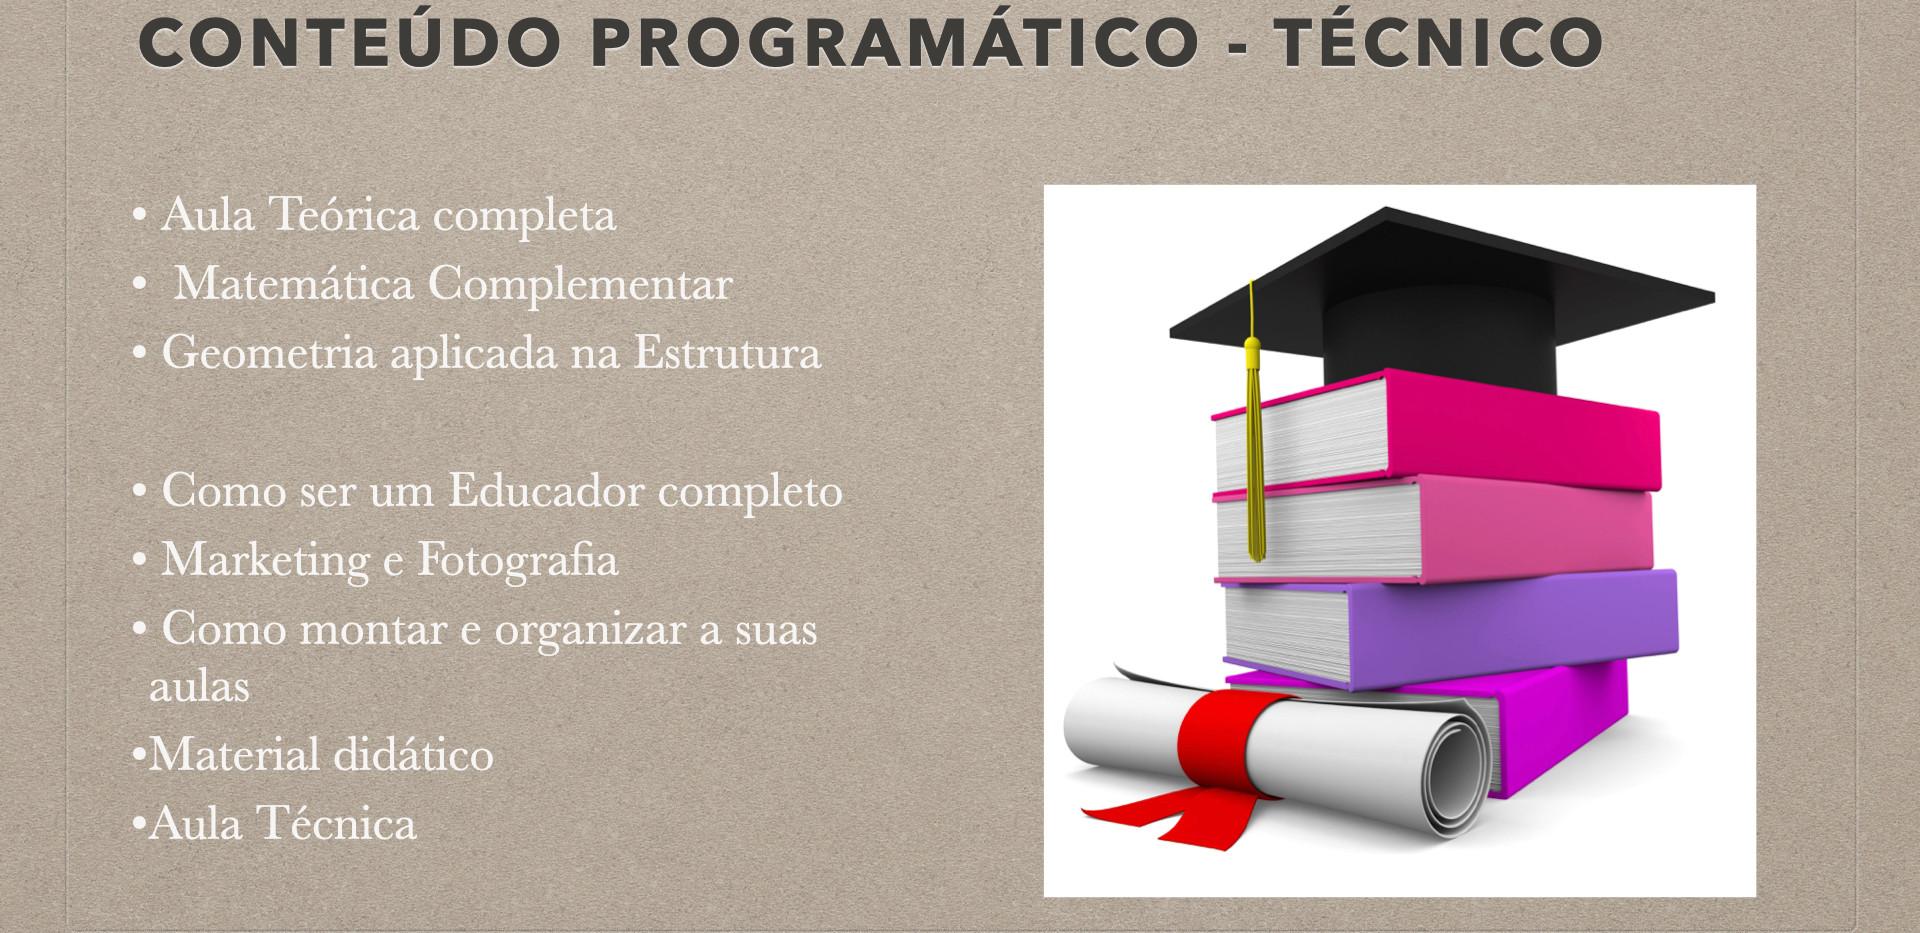 campus 2021 - informativo- imagens .013.